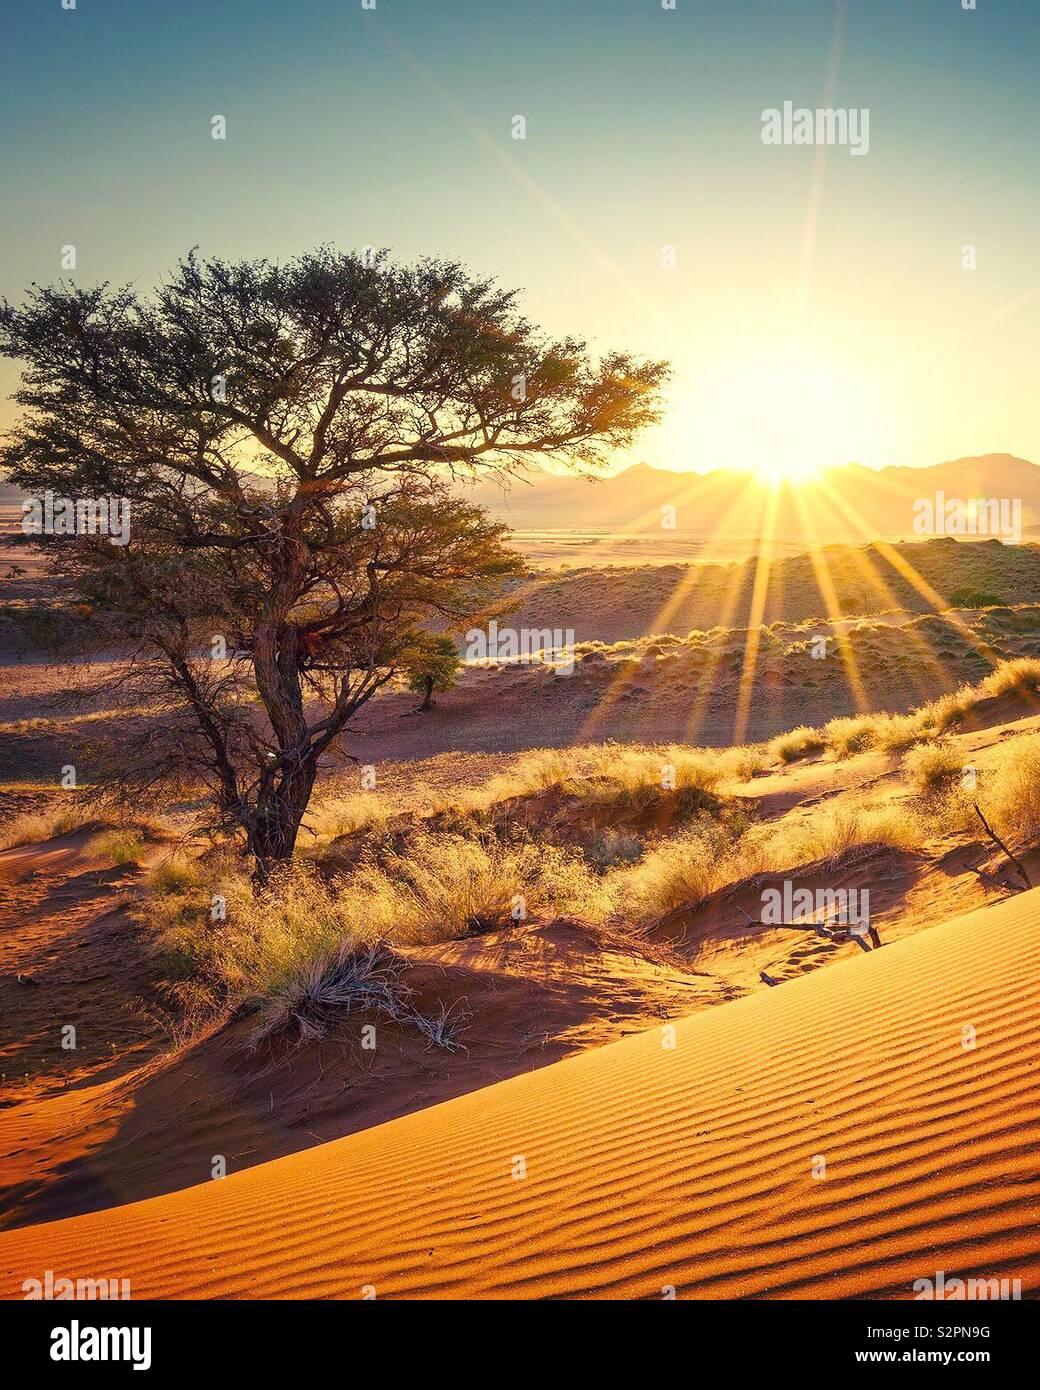 Sonnenaufgang in der Wüste von Namibia Stockfoto